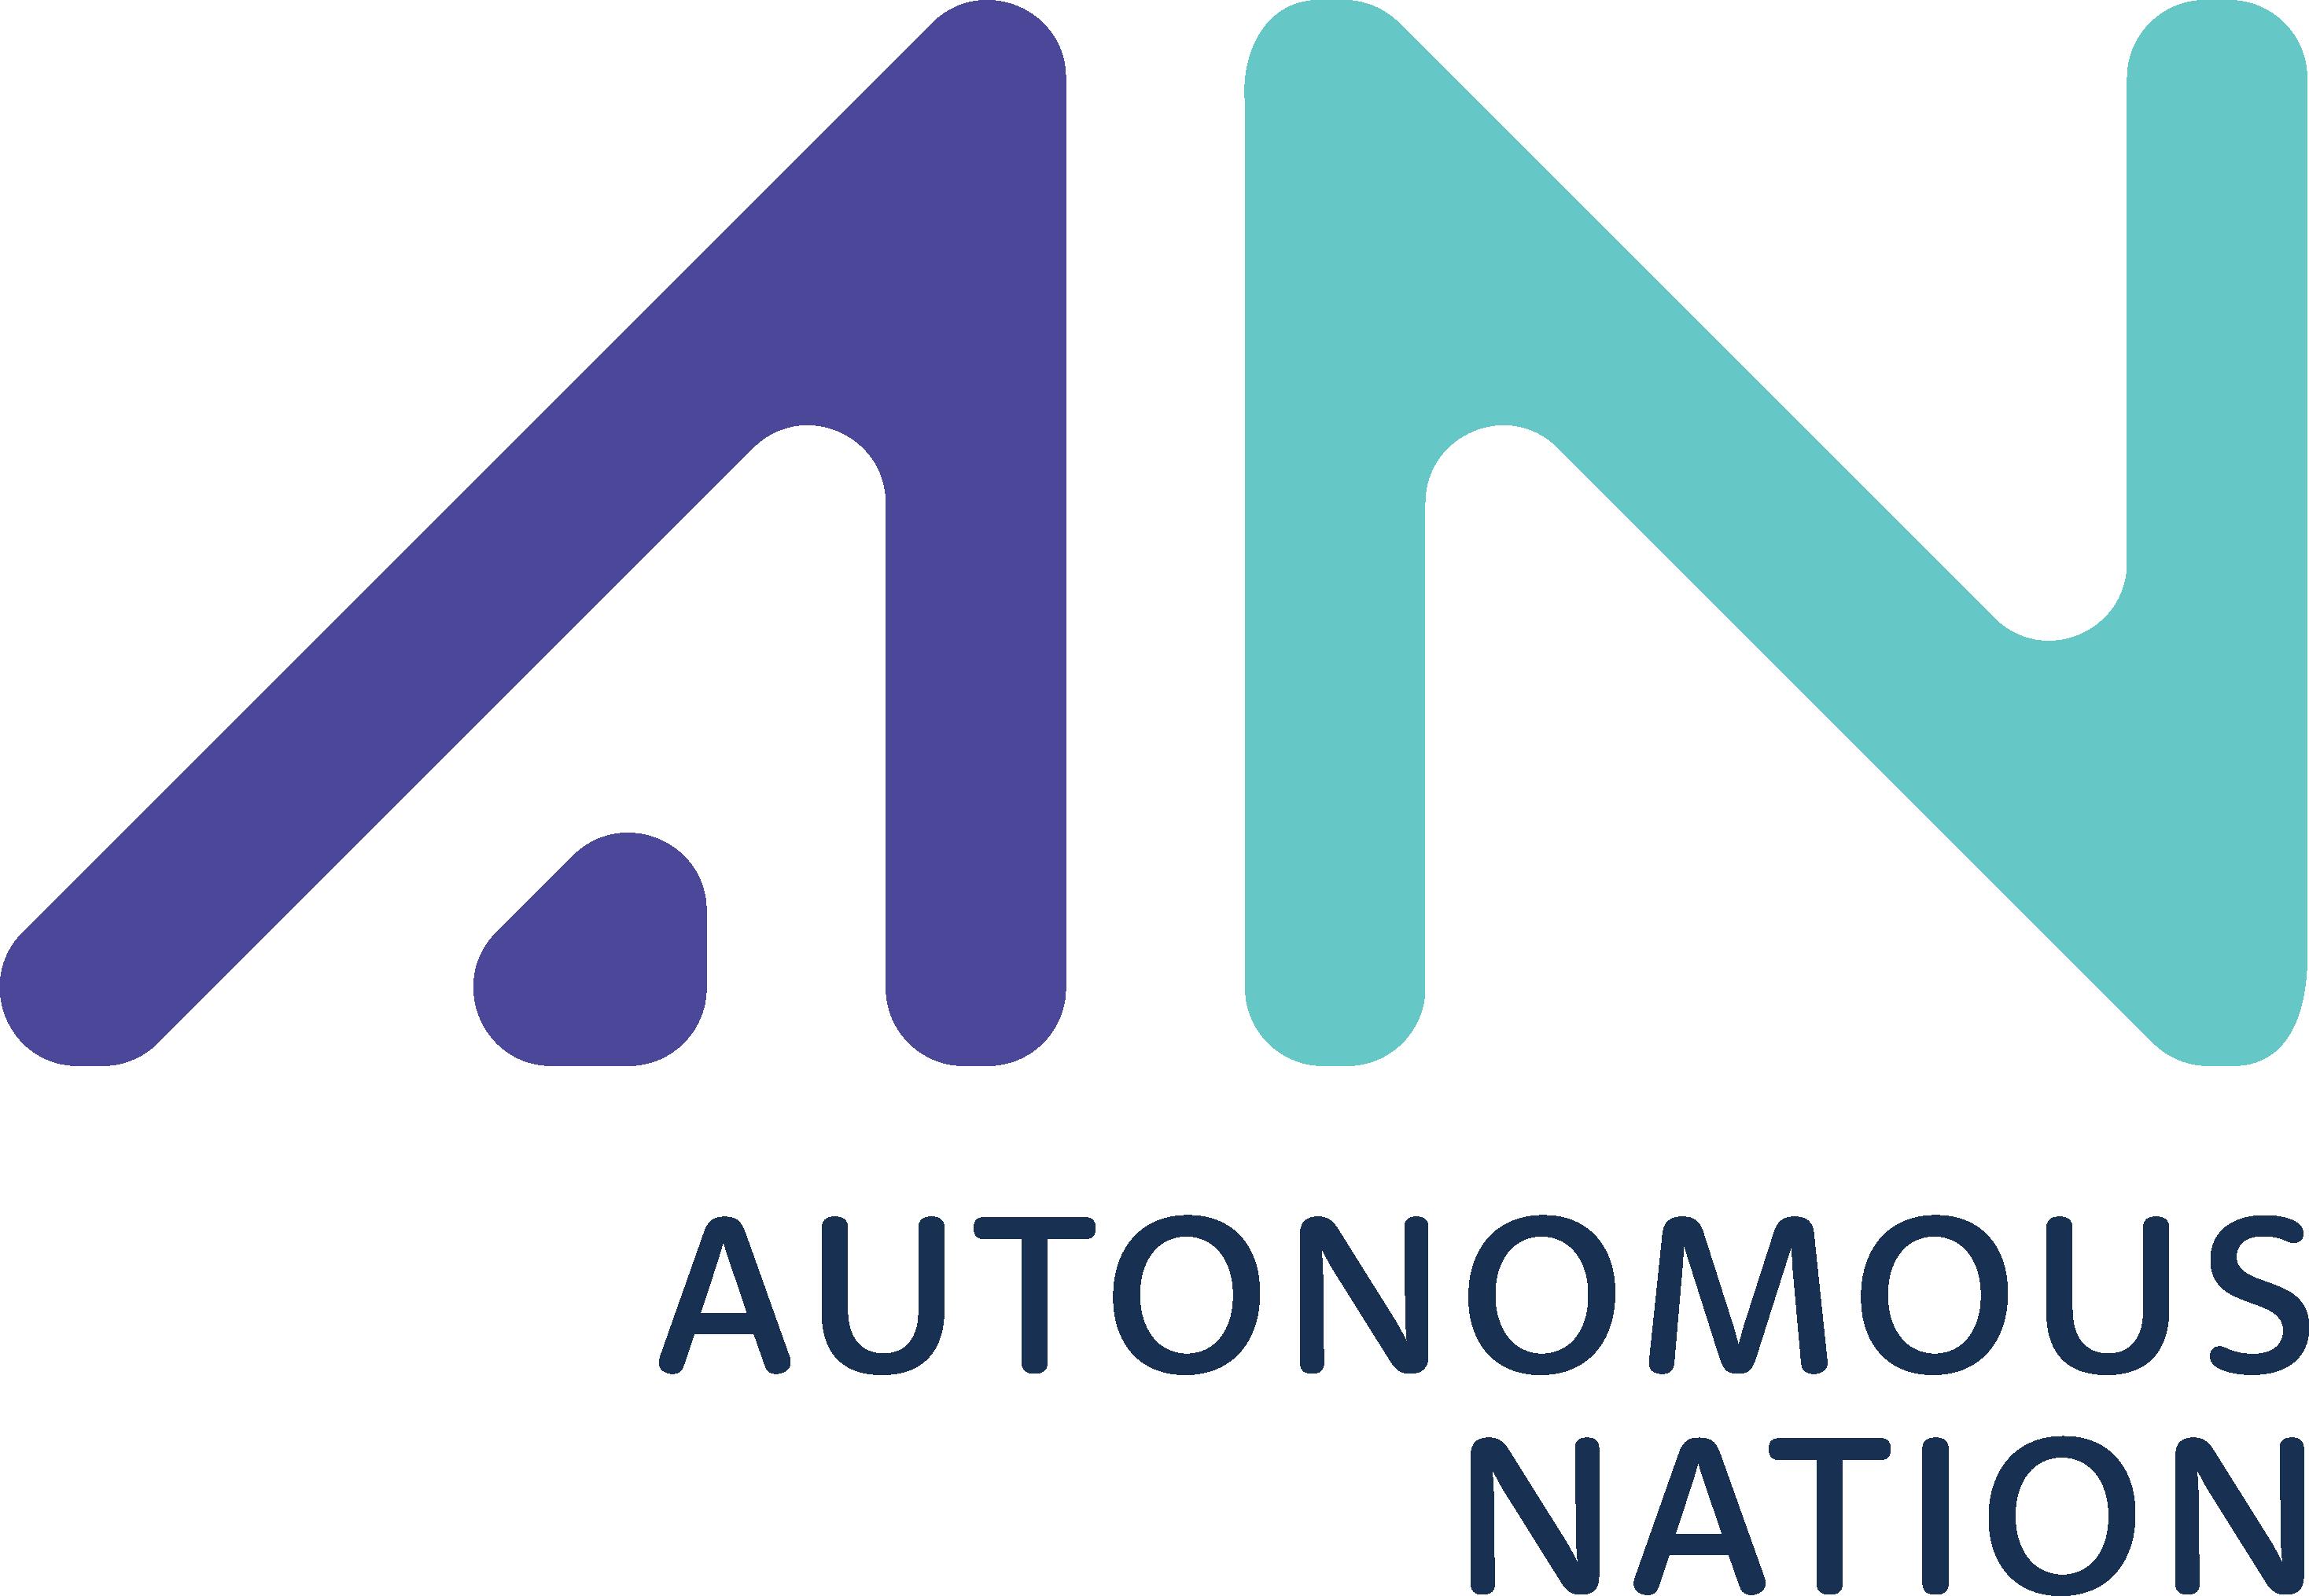 AutonomousNation_EP_Logo_FullColor_General